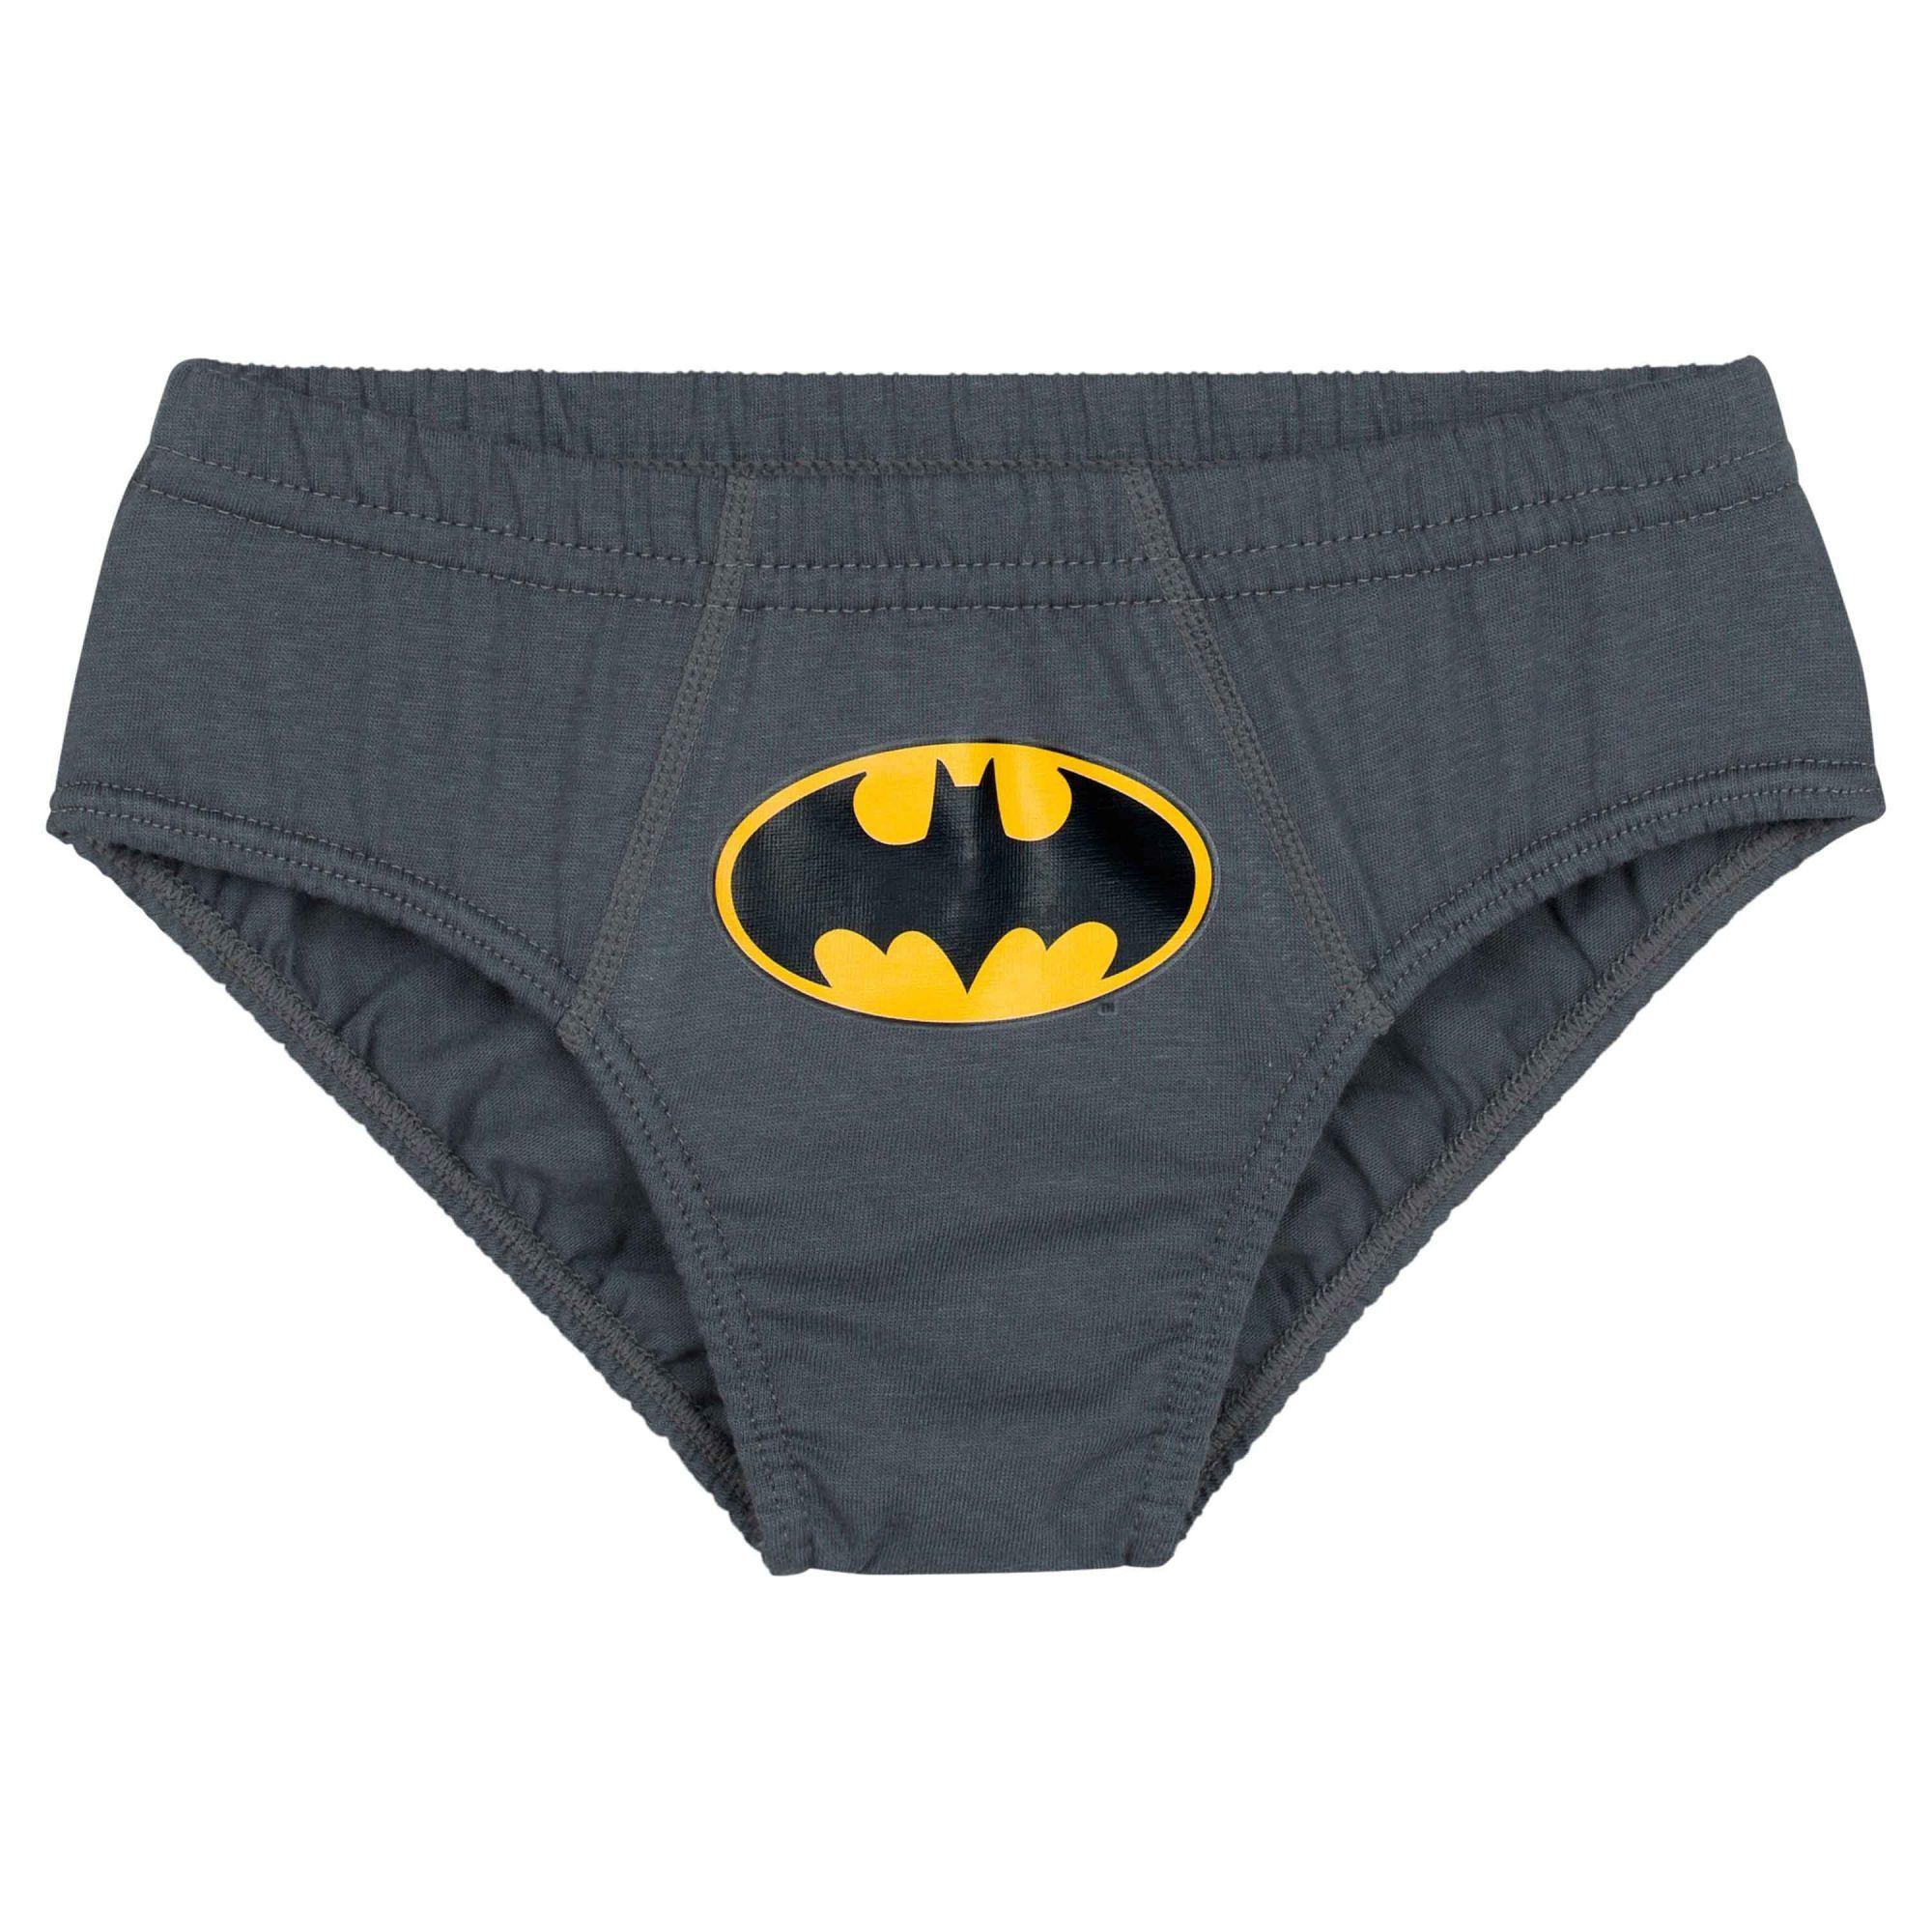 Cueca Infantil Kit 3 cuecas Batman Lupo